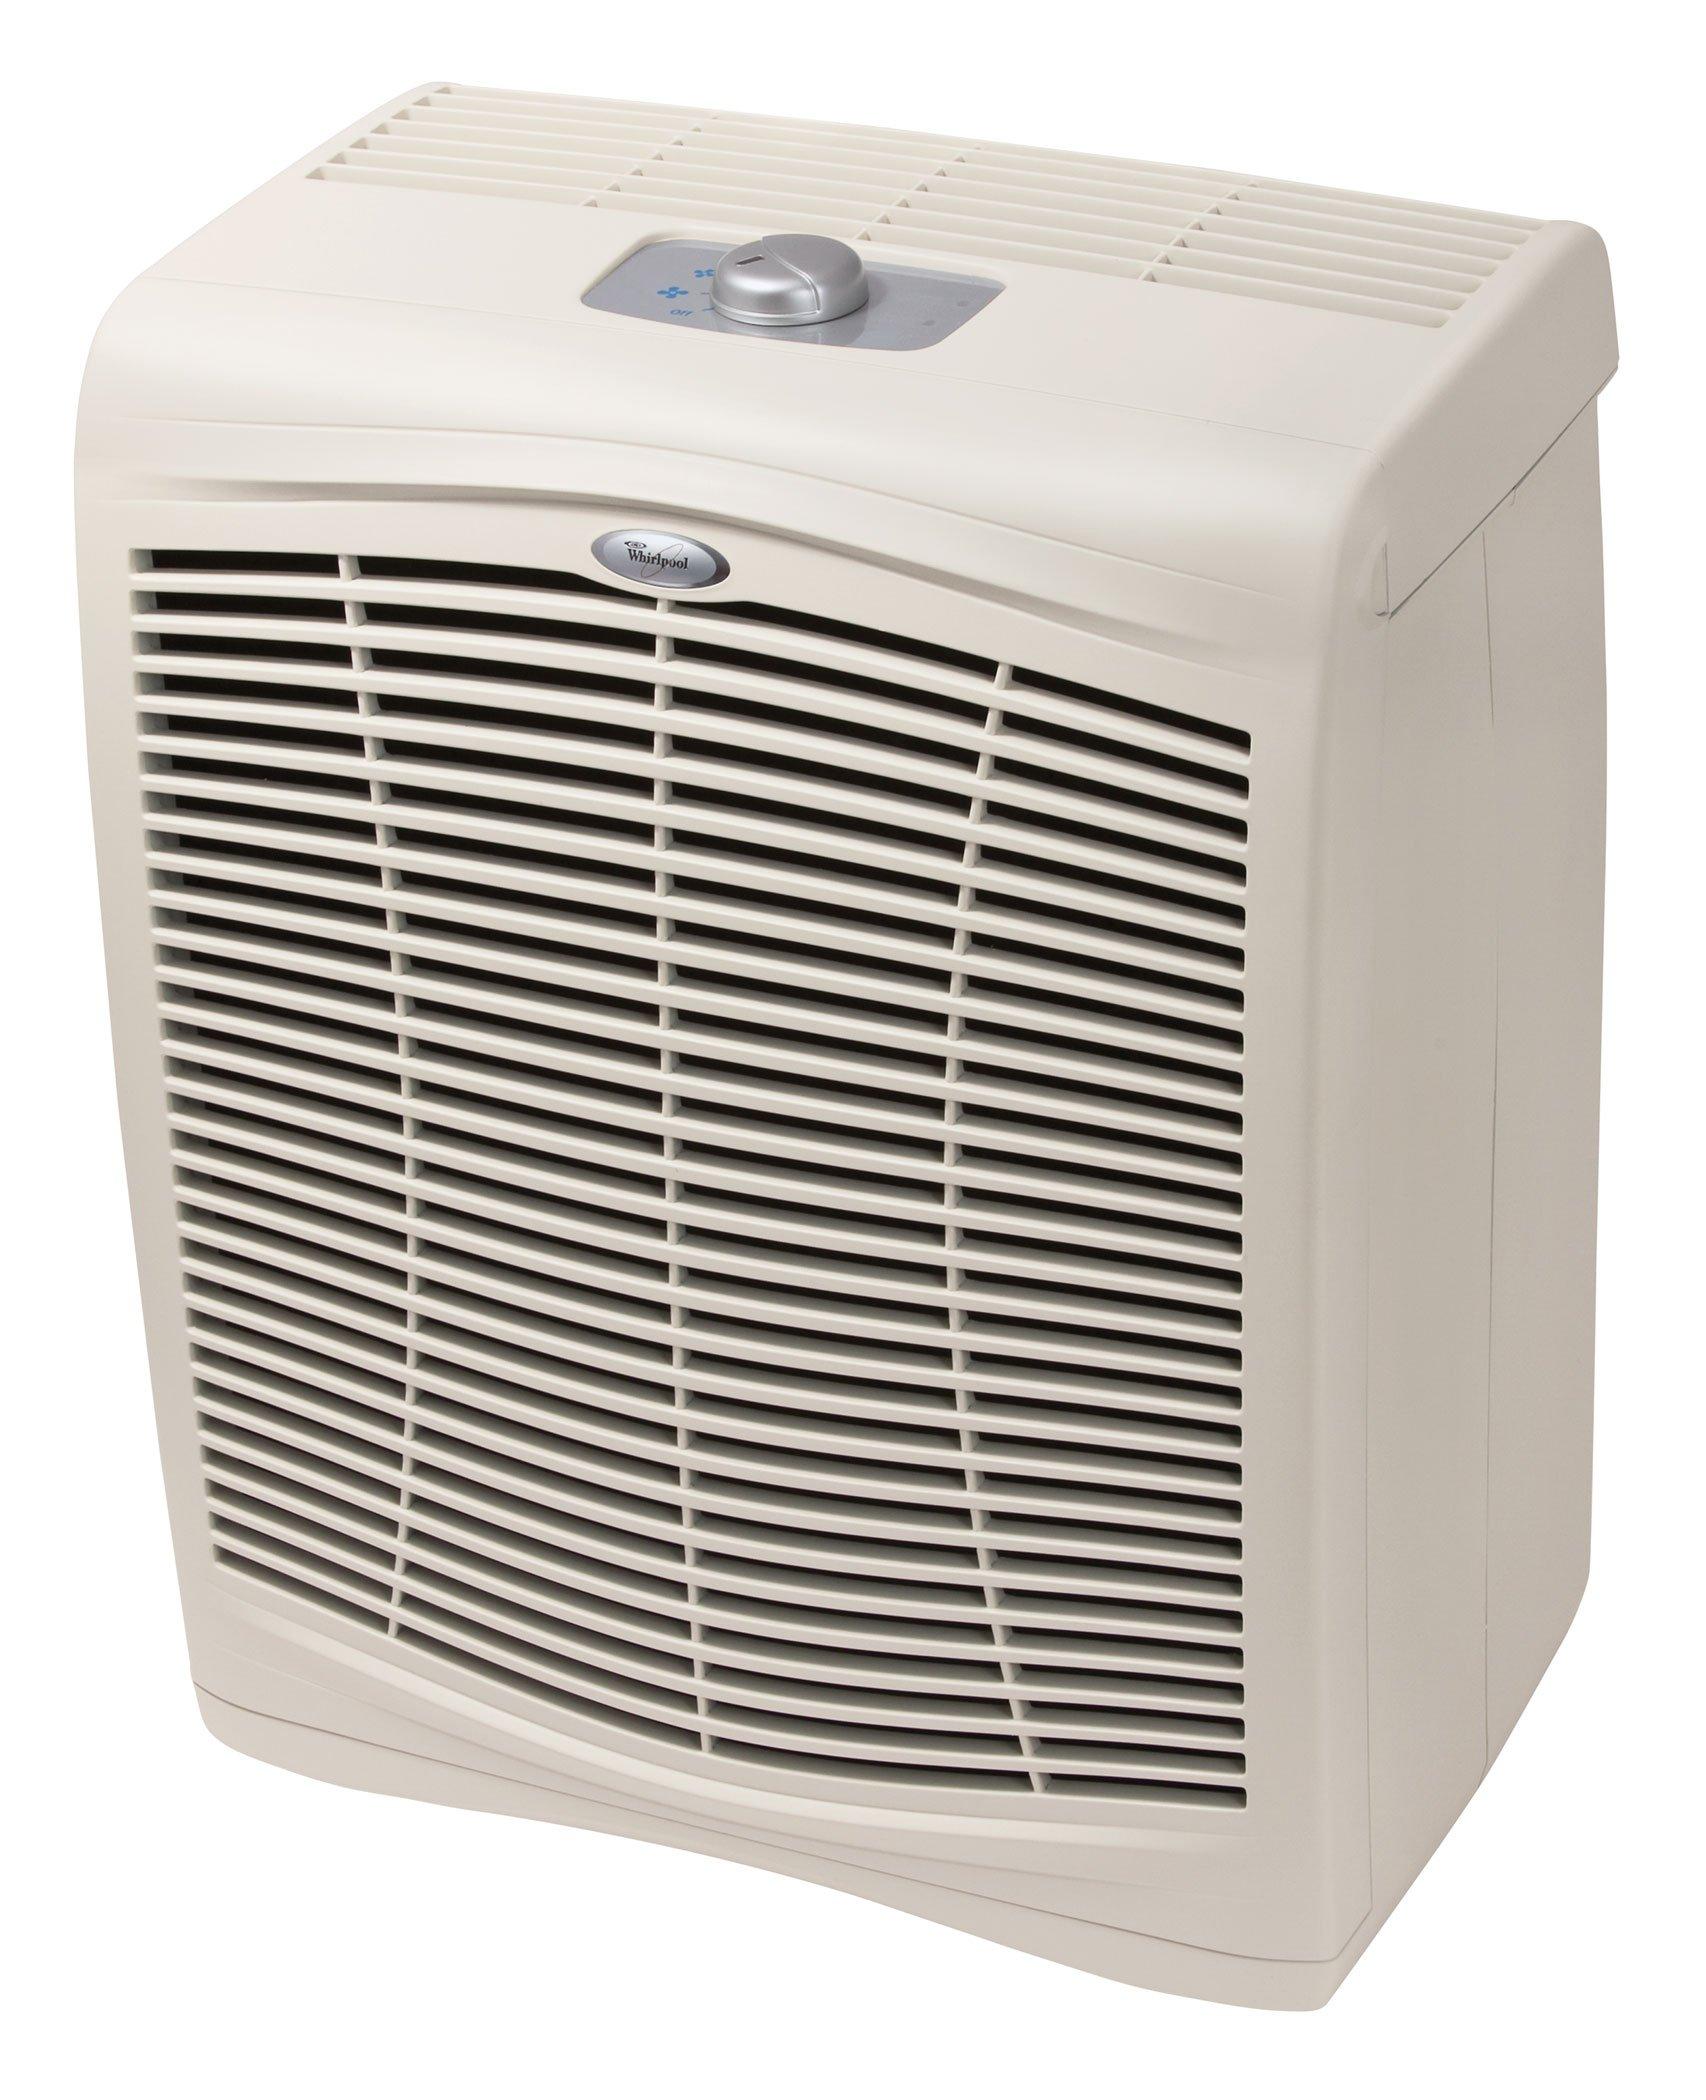 Whirlpool AP45030K Whispure Air Purifier, HEPA Air Cleaner